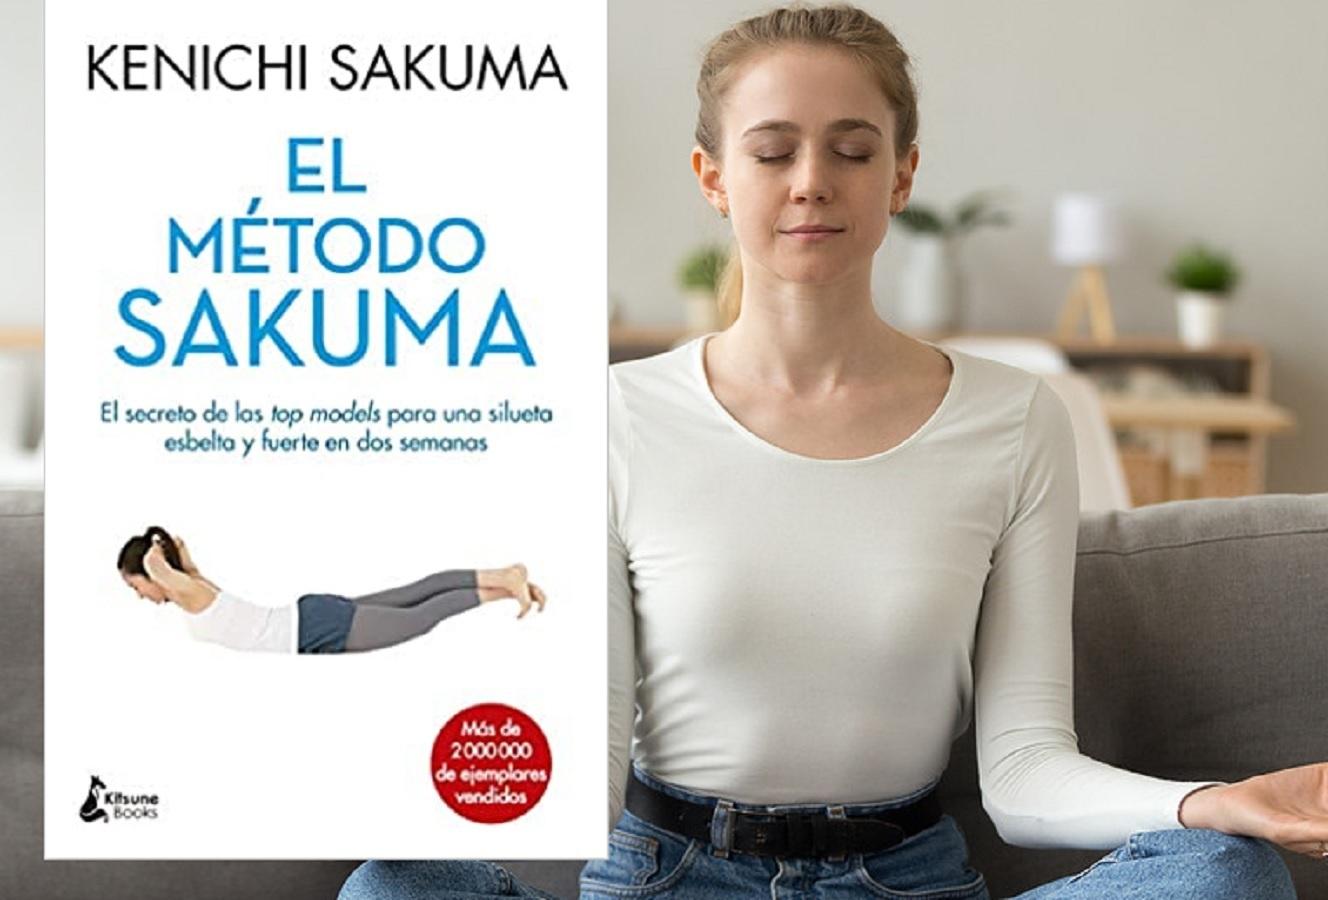 Dimagrire col metodo Sakuma: il segreto giapponese per tonificare.